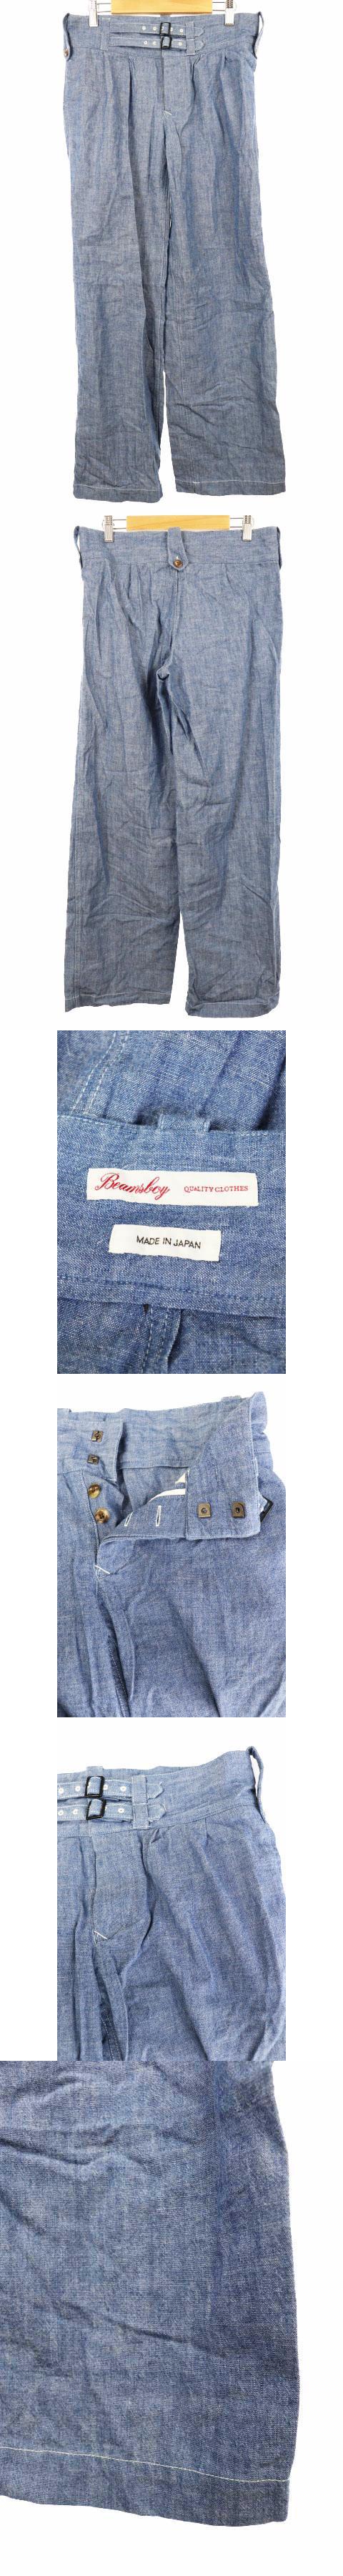 パンツ ワイド シャンブレー ボタンフライ ベルト ウォッシュ加工 コットン 1 青 ブルー /M2N17